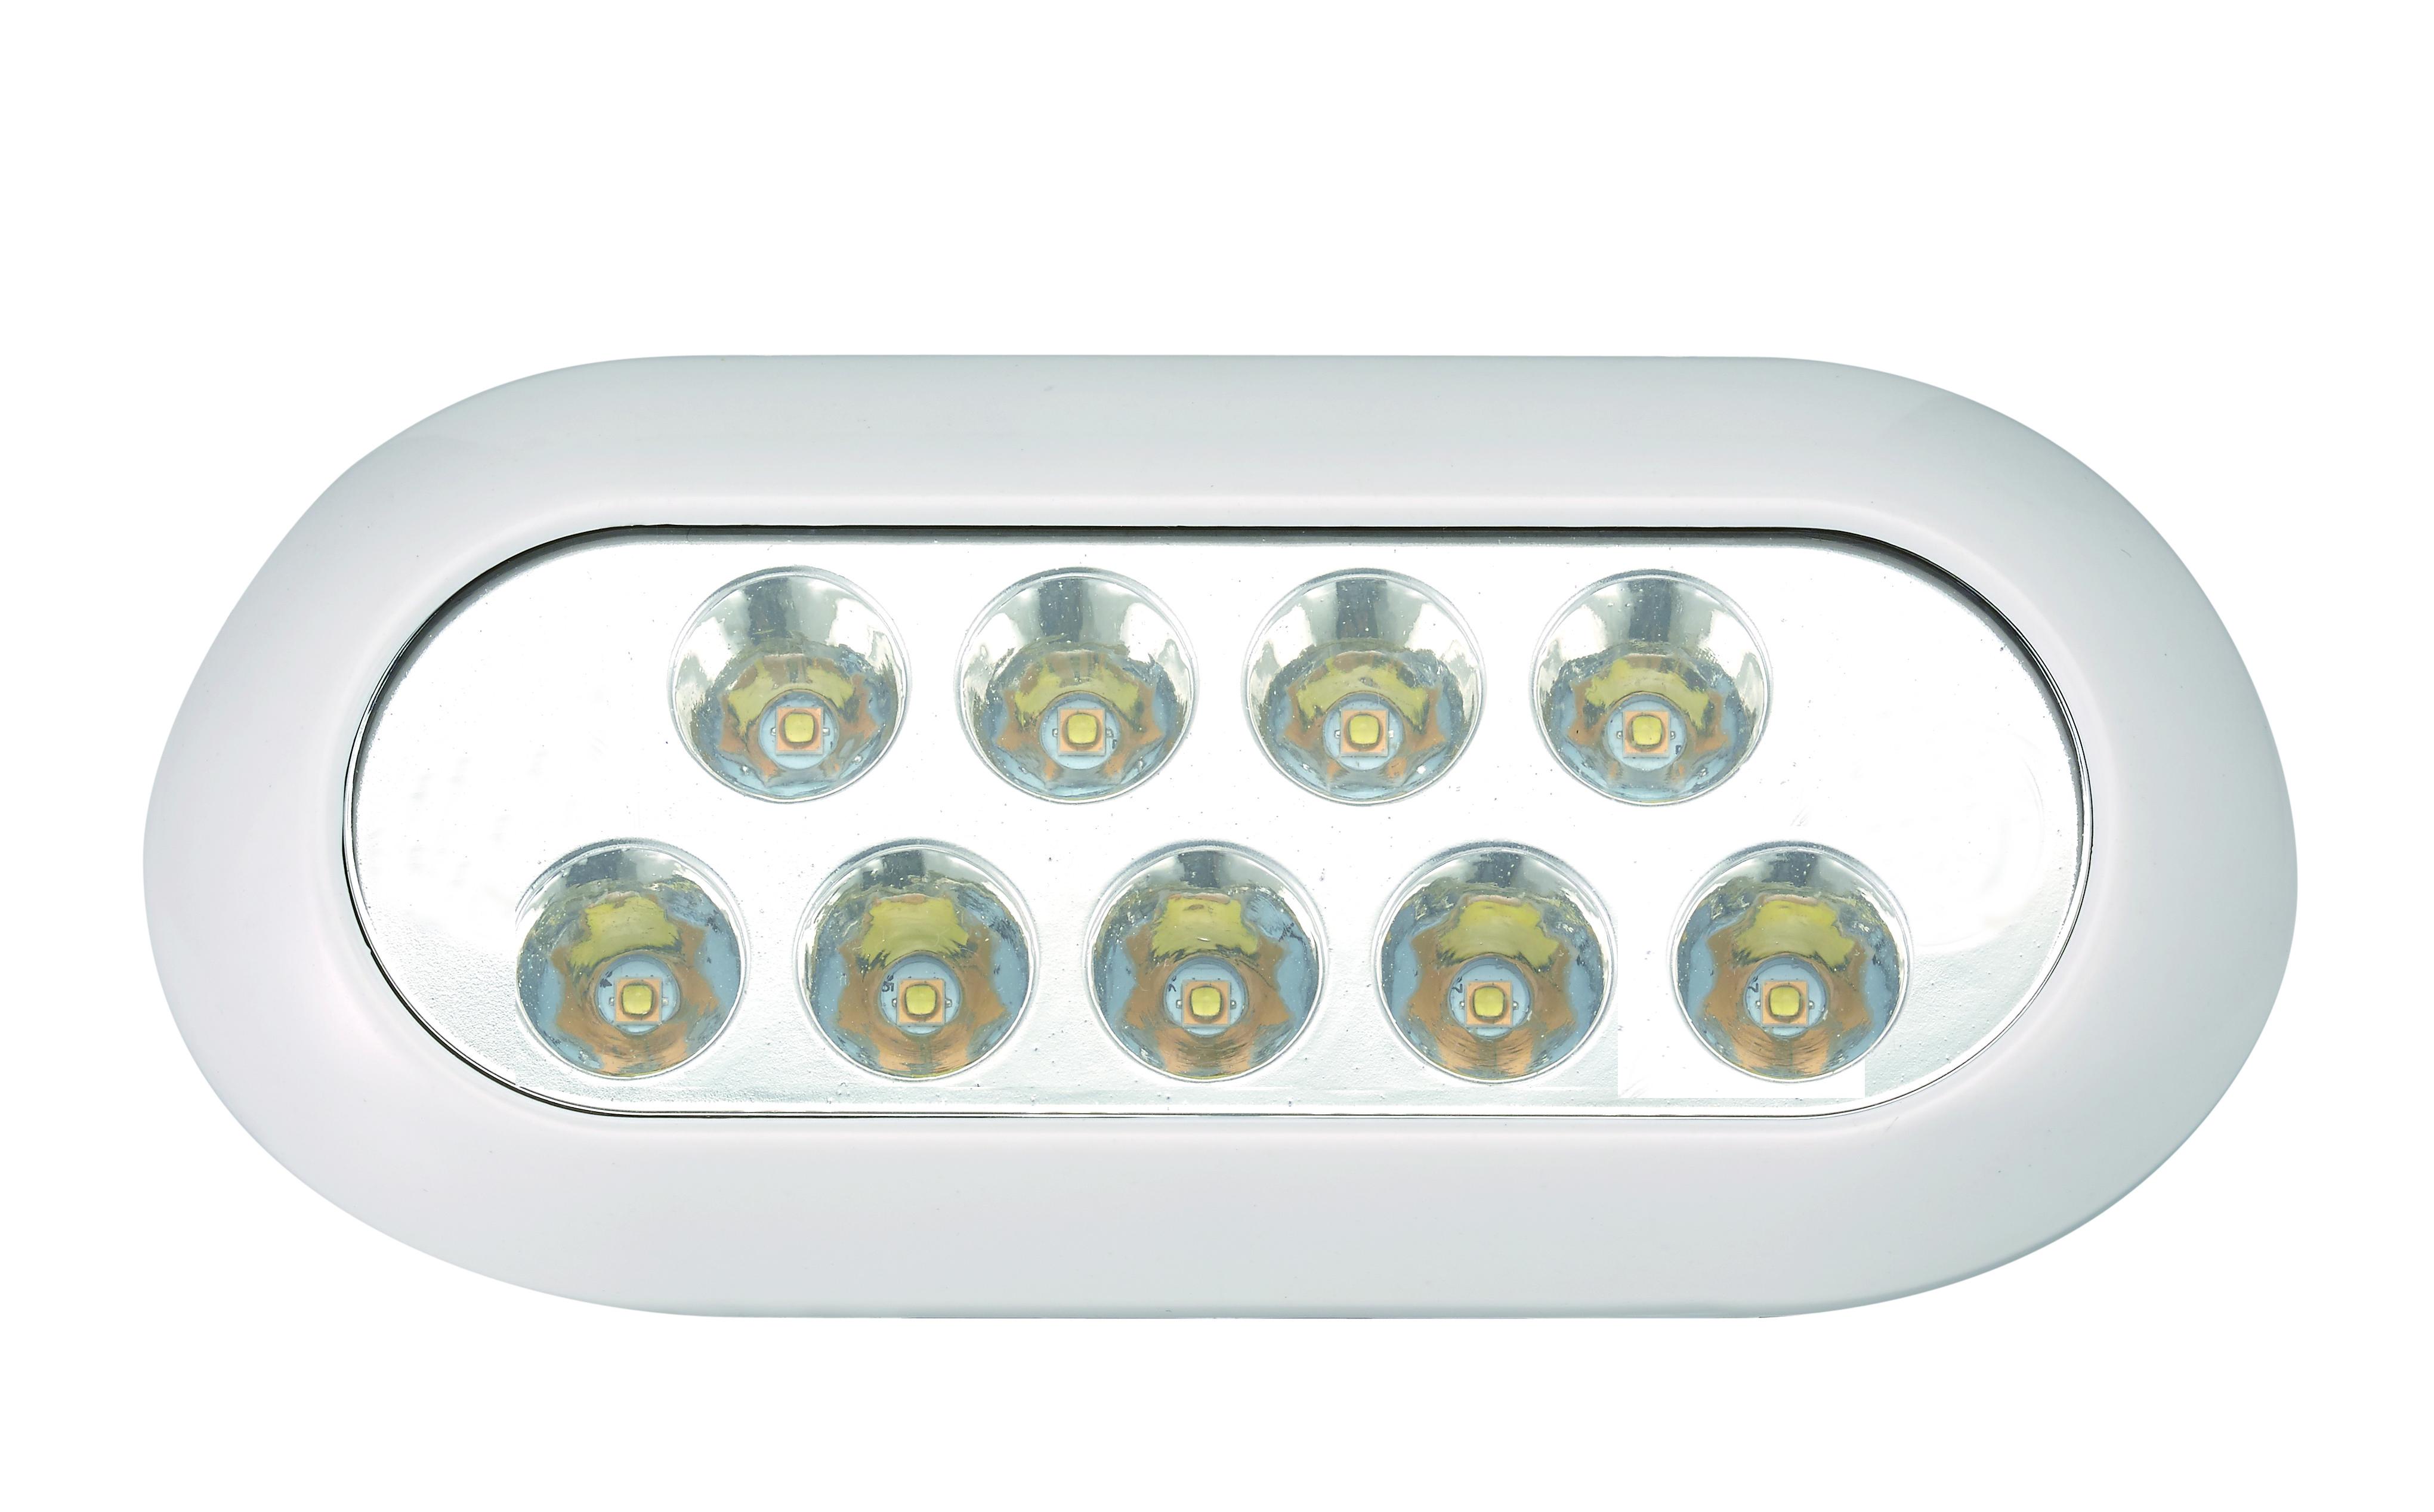 95.29 - Υποβρύχιο Φως LED Με 4 Χρώματα